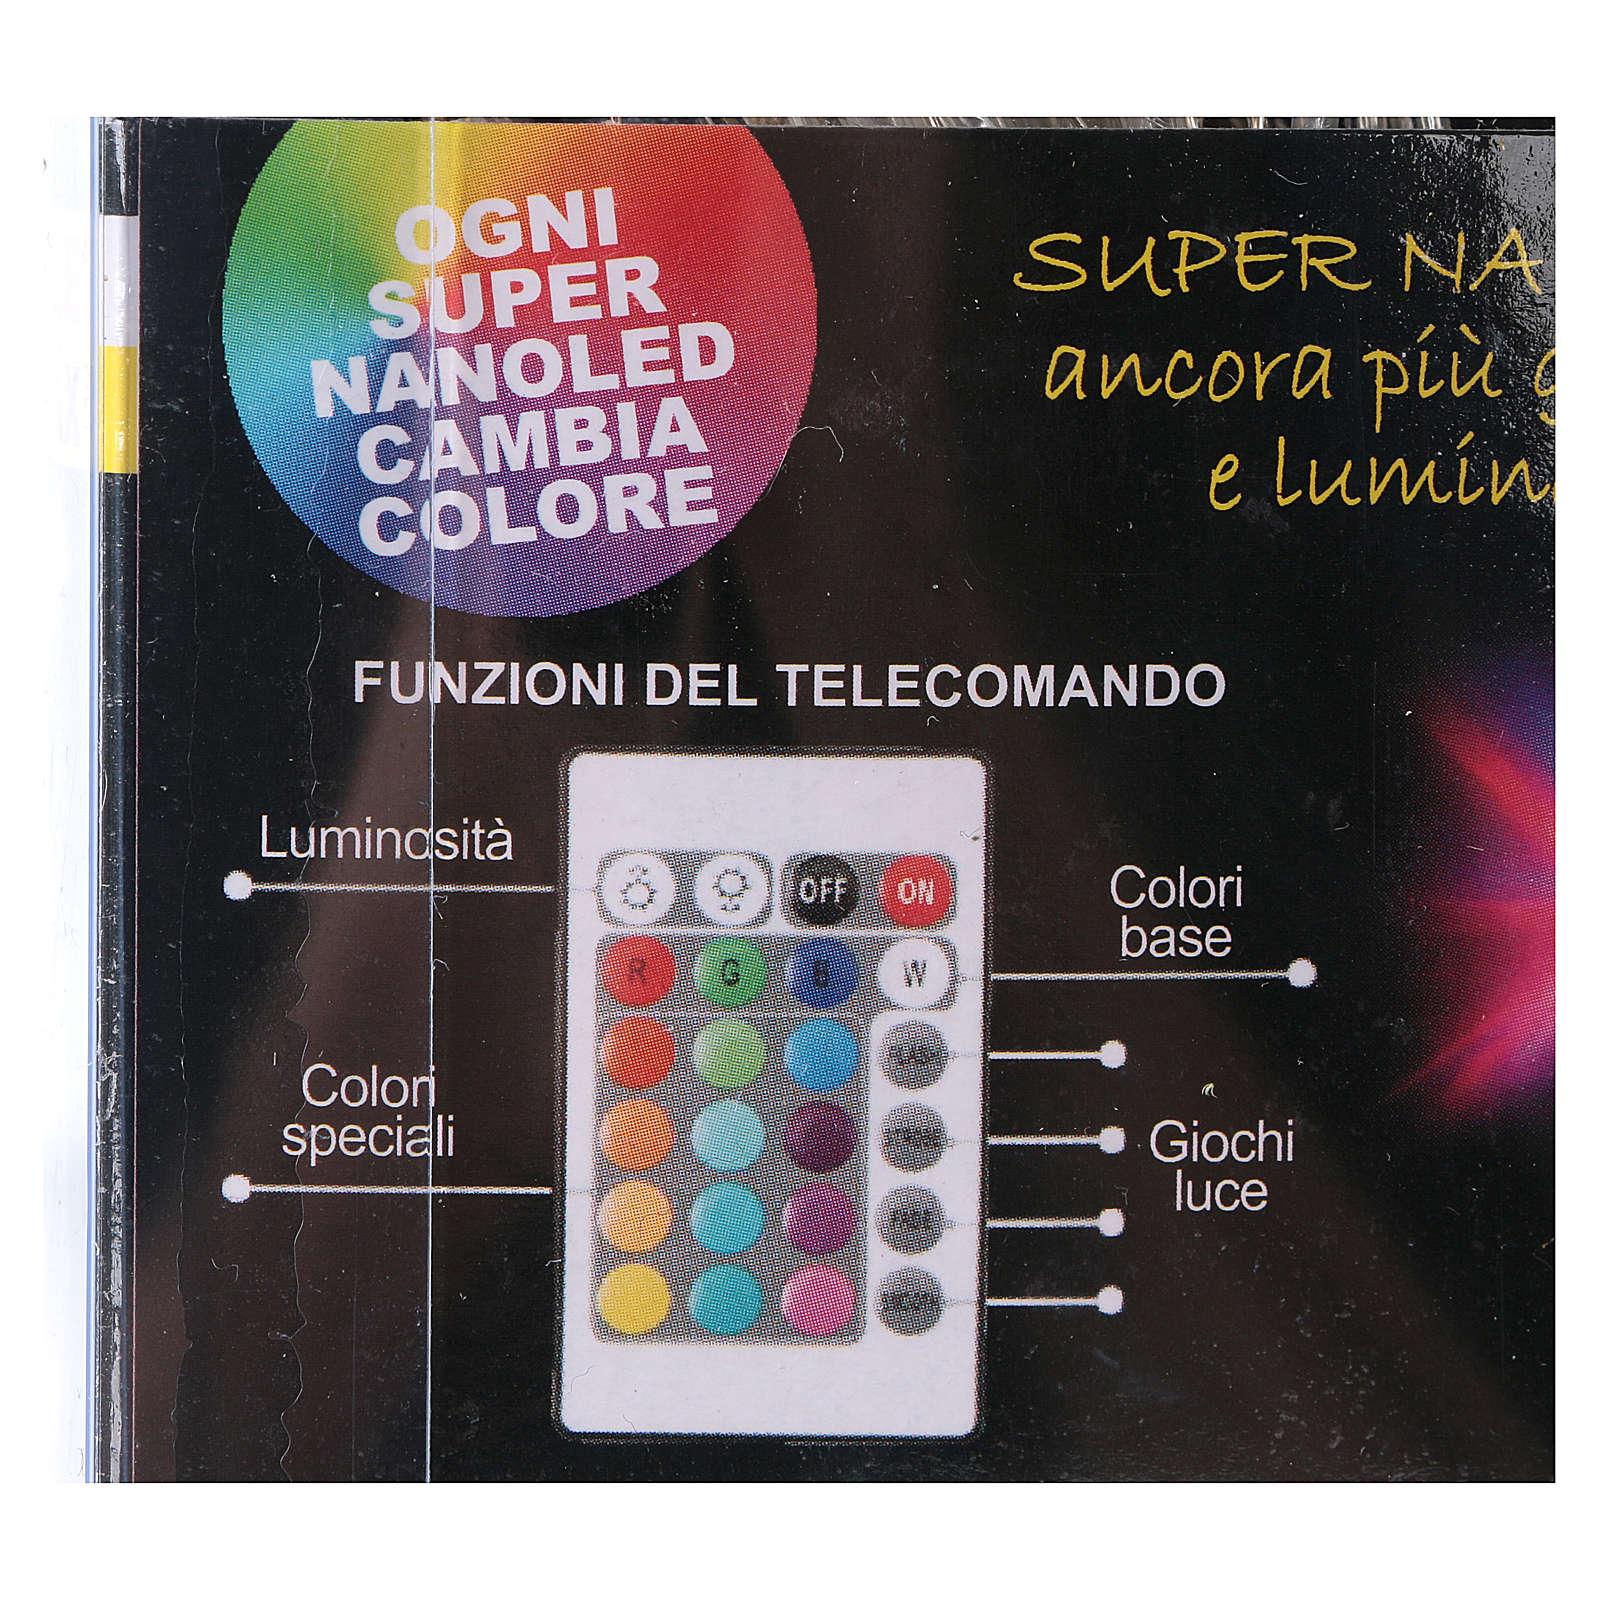 Catena filo nudo 90 Nano Led giochi luce Interno ed esterno 3